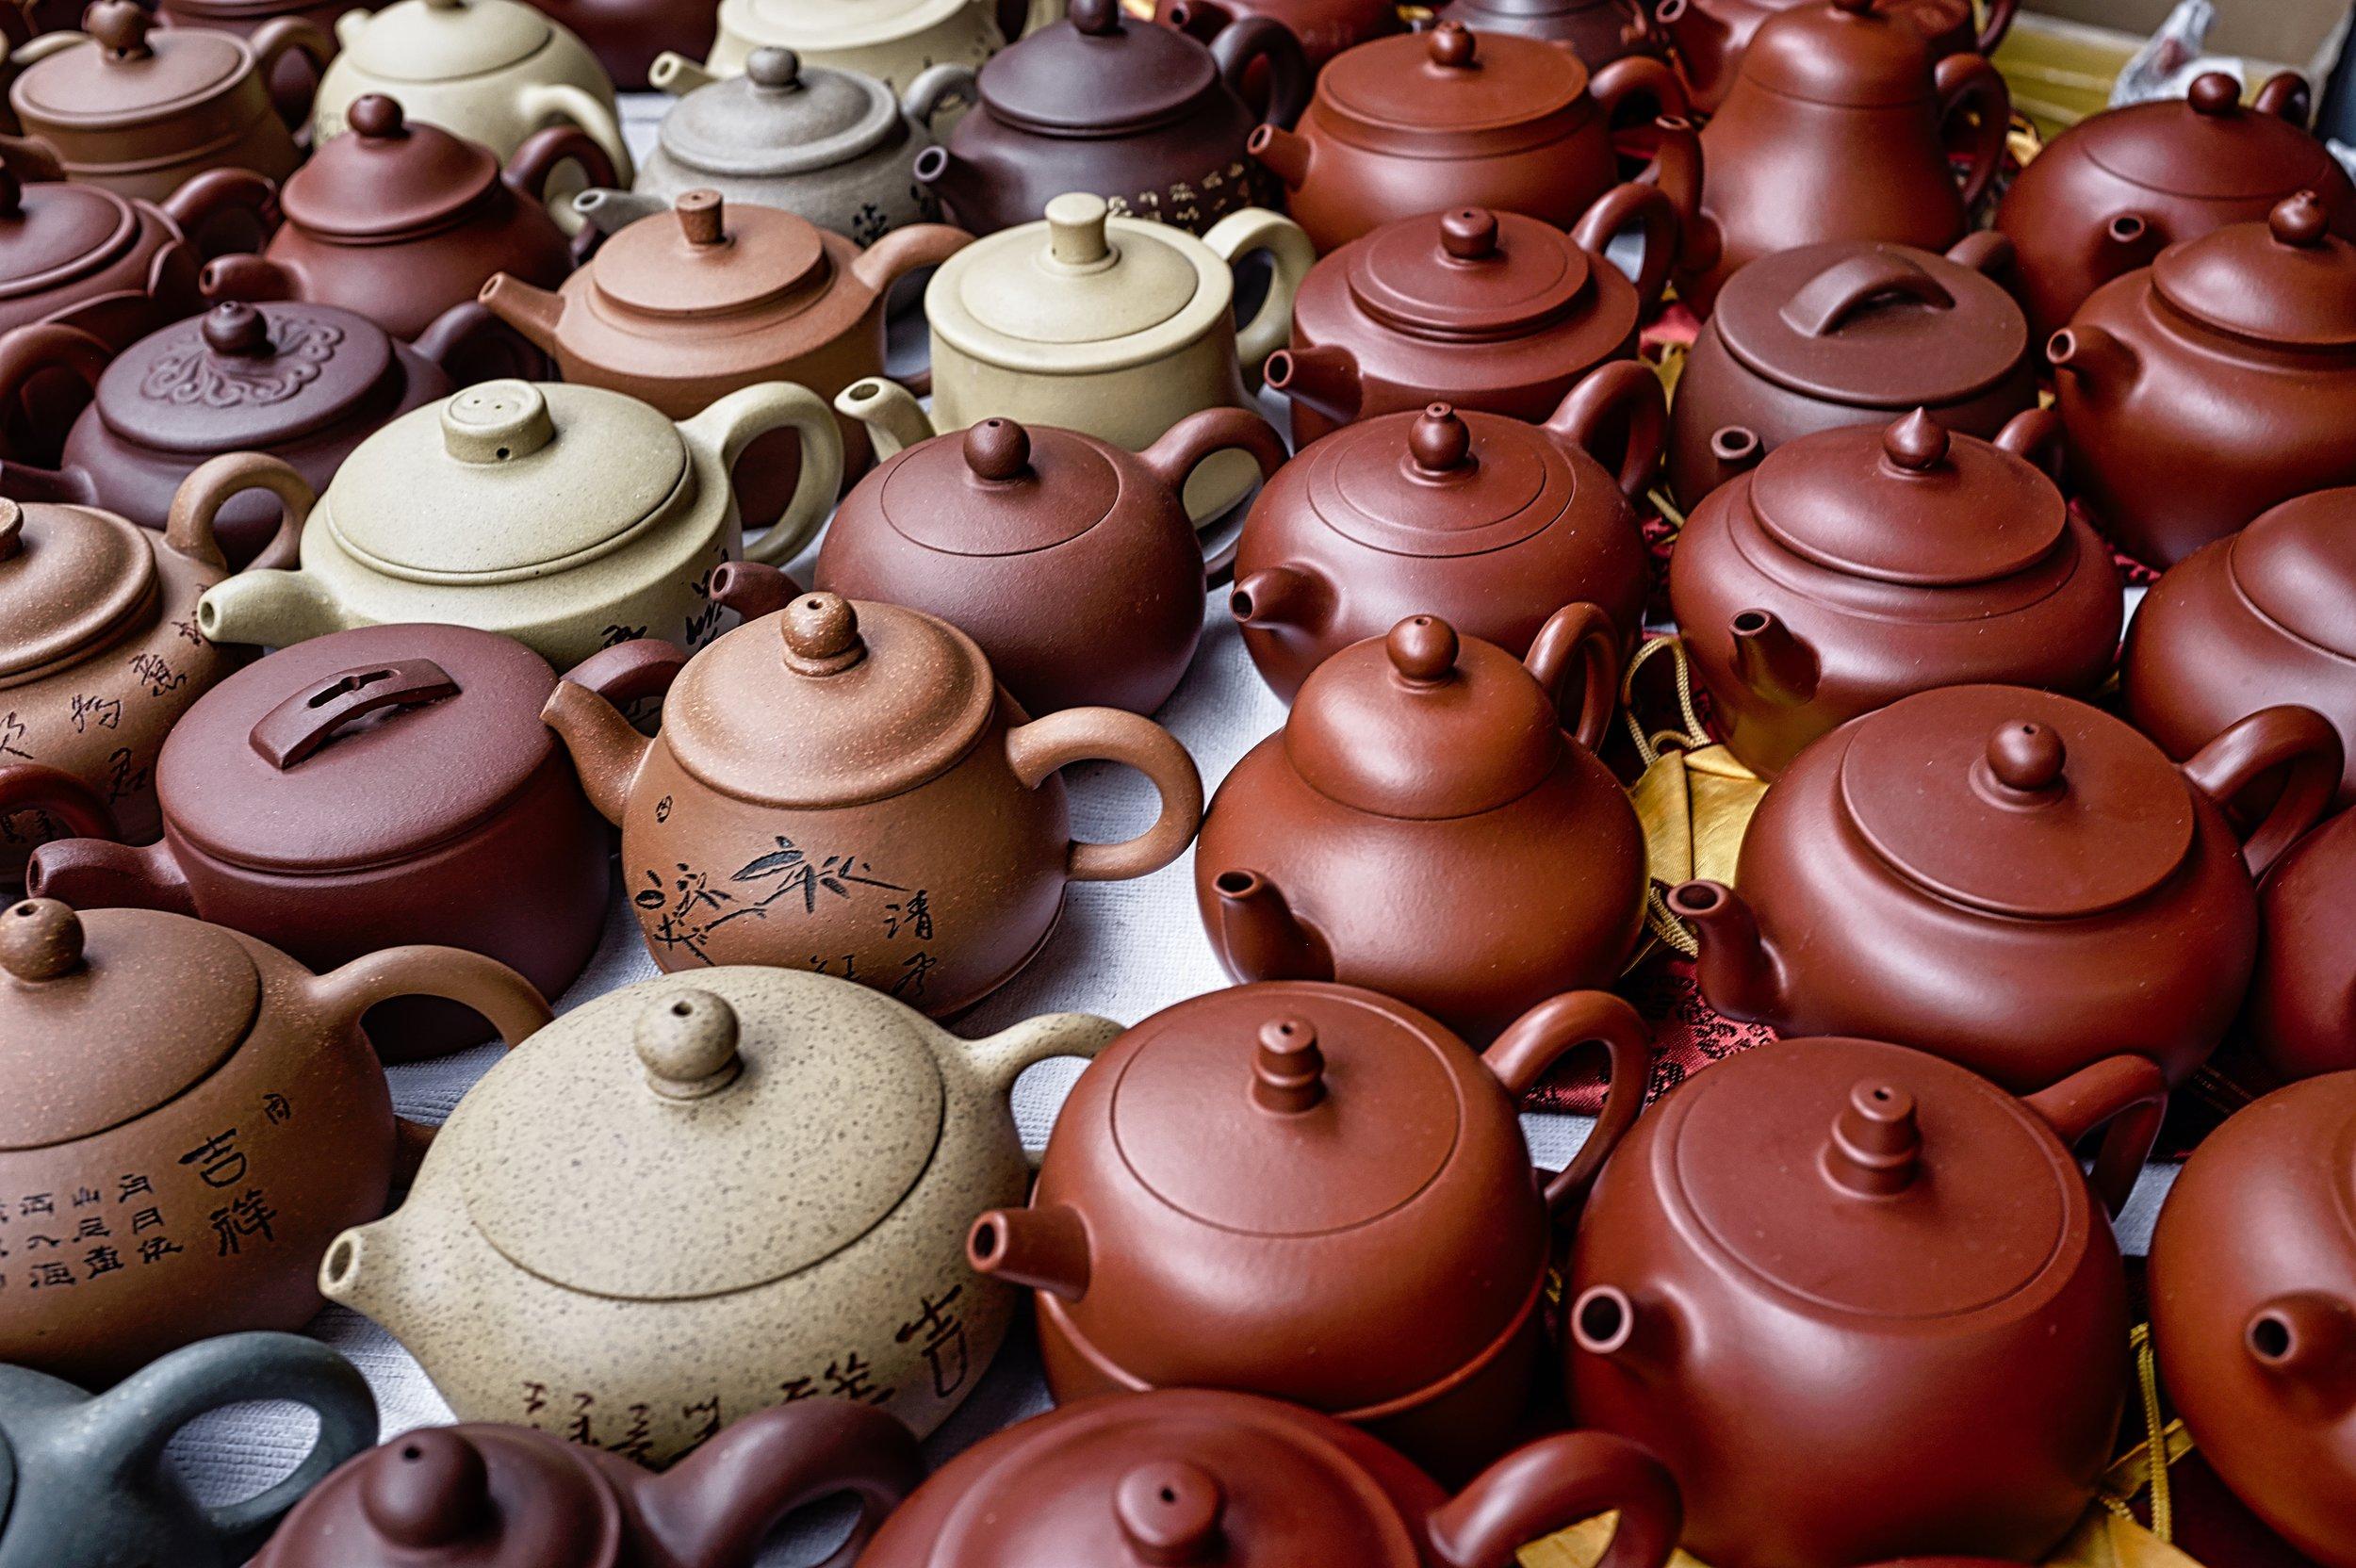 Chocolate teapots abound (Pic: @eprouzet)